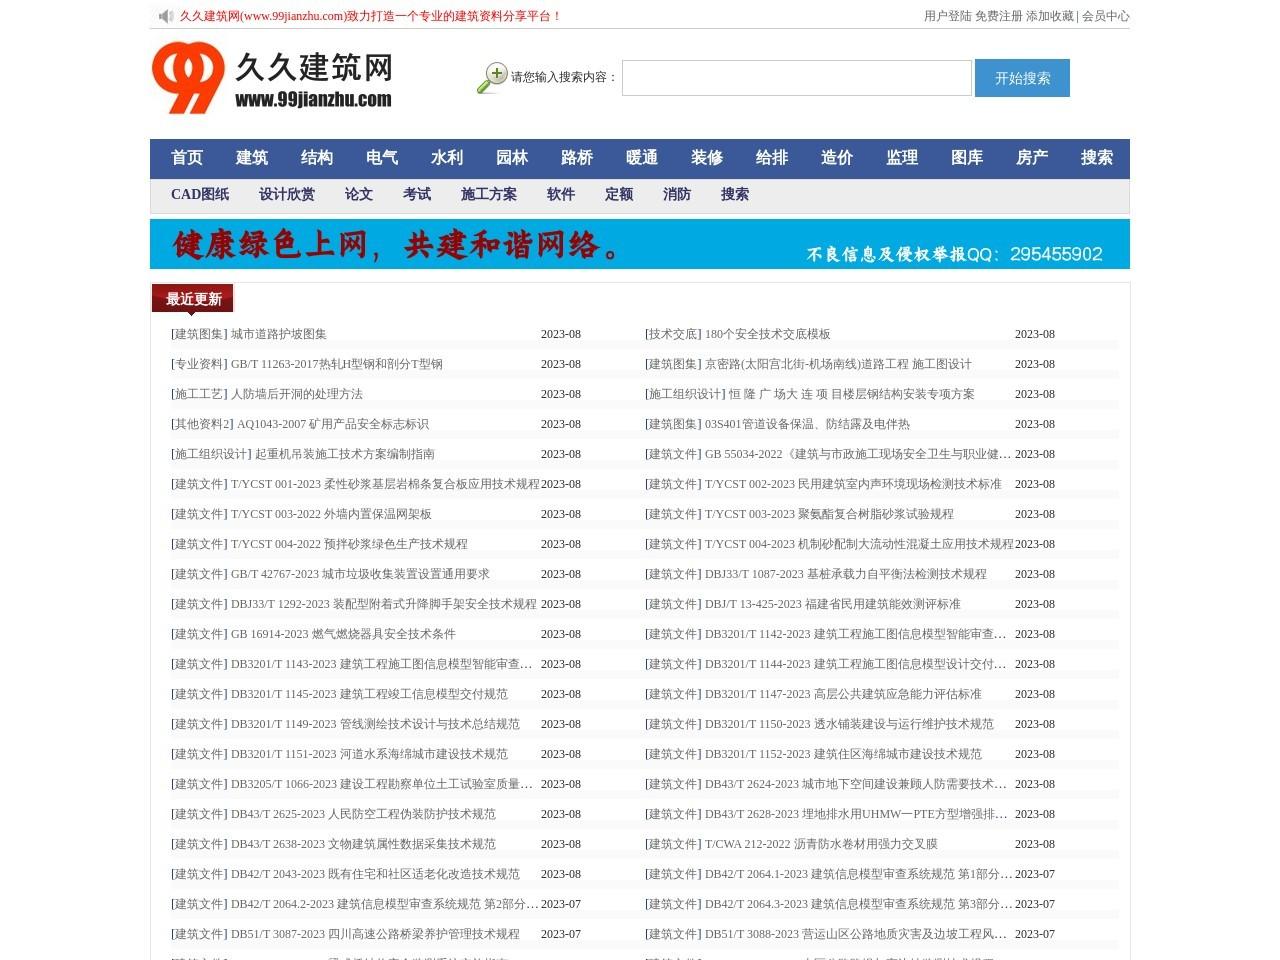 久久建筑网_建筑设计,建筑资料,建筑标准规范,图集下载网站